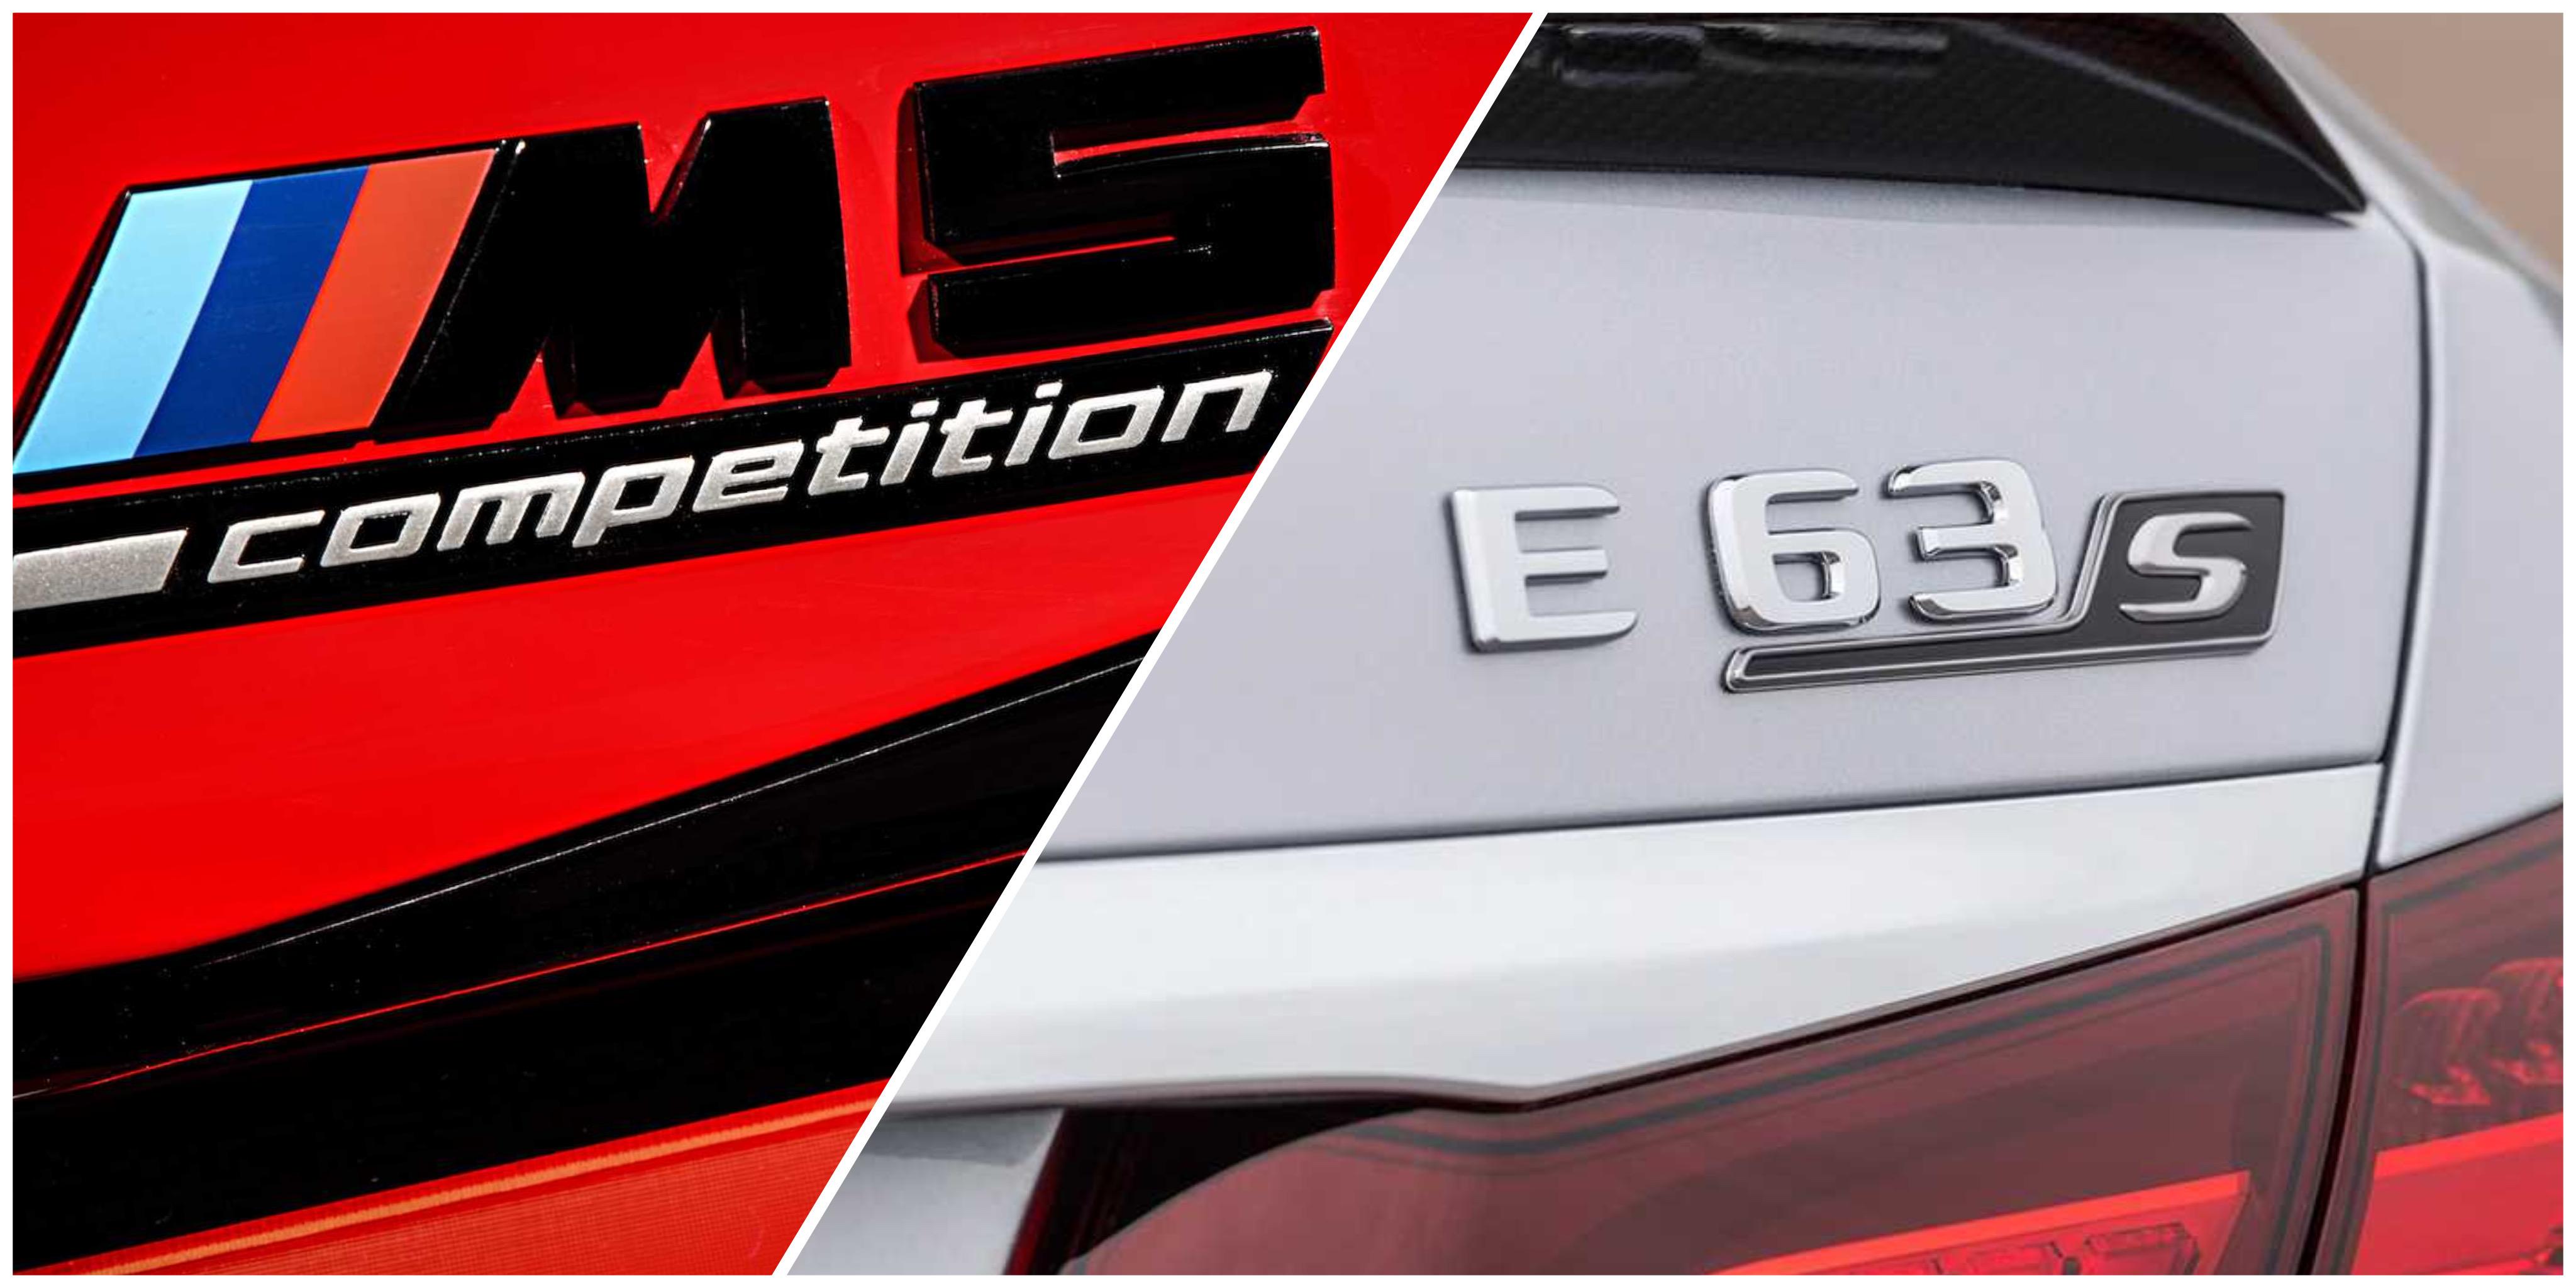 相隔一天发布,M5和AMG E63 S就这么杠上了?